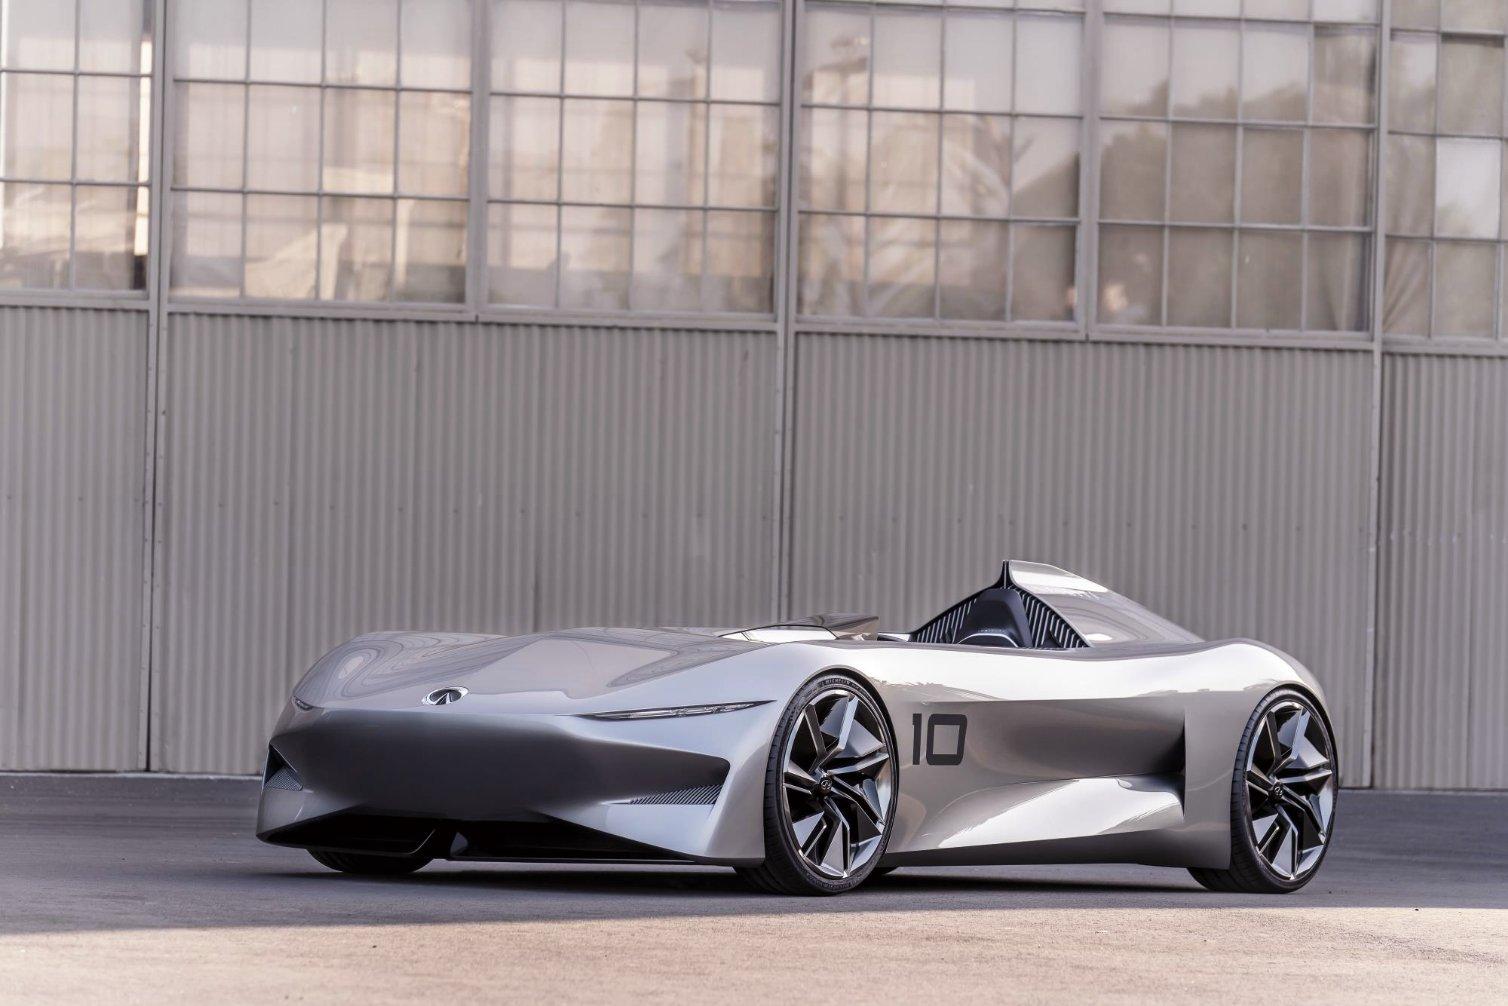 Infiniti Prototype 10 concept vehicle